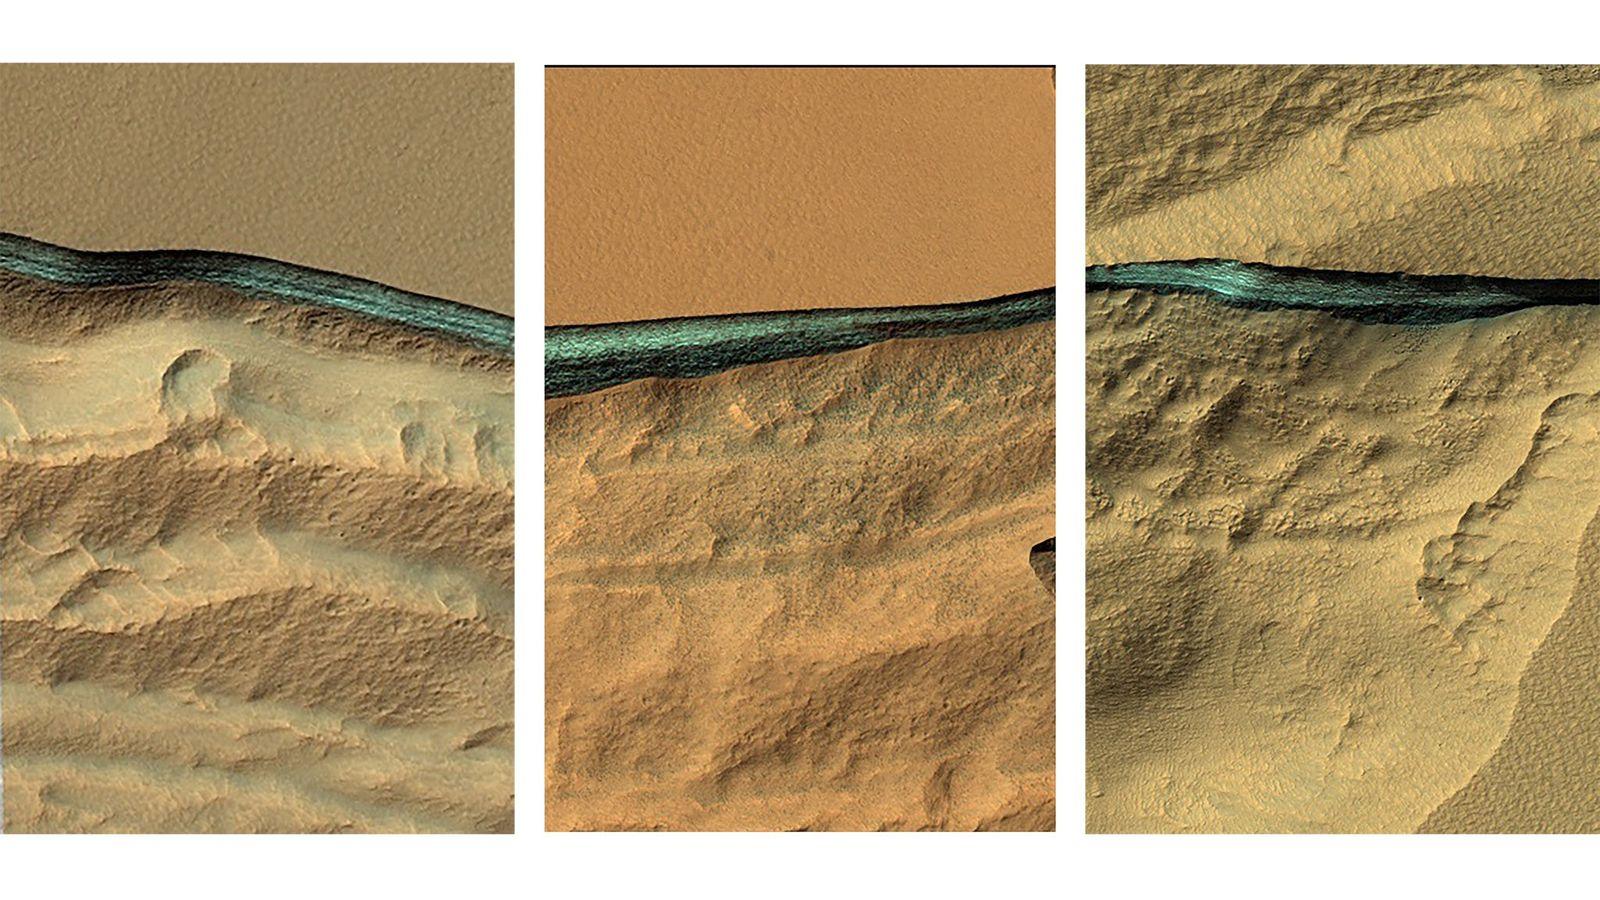 Des pans érodés de la surface de Mars en moyenne latitude révèlent des pans d'eau glacée ...